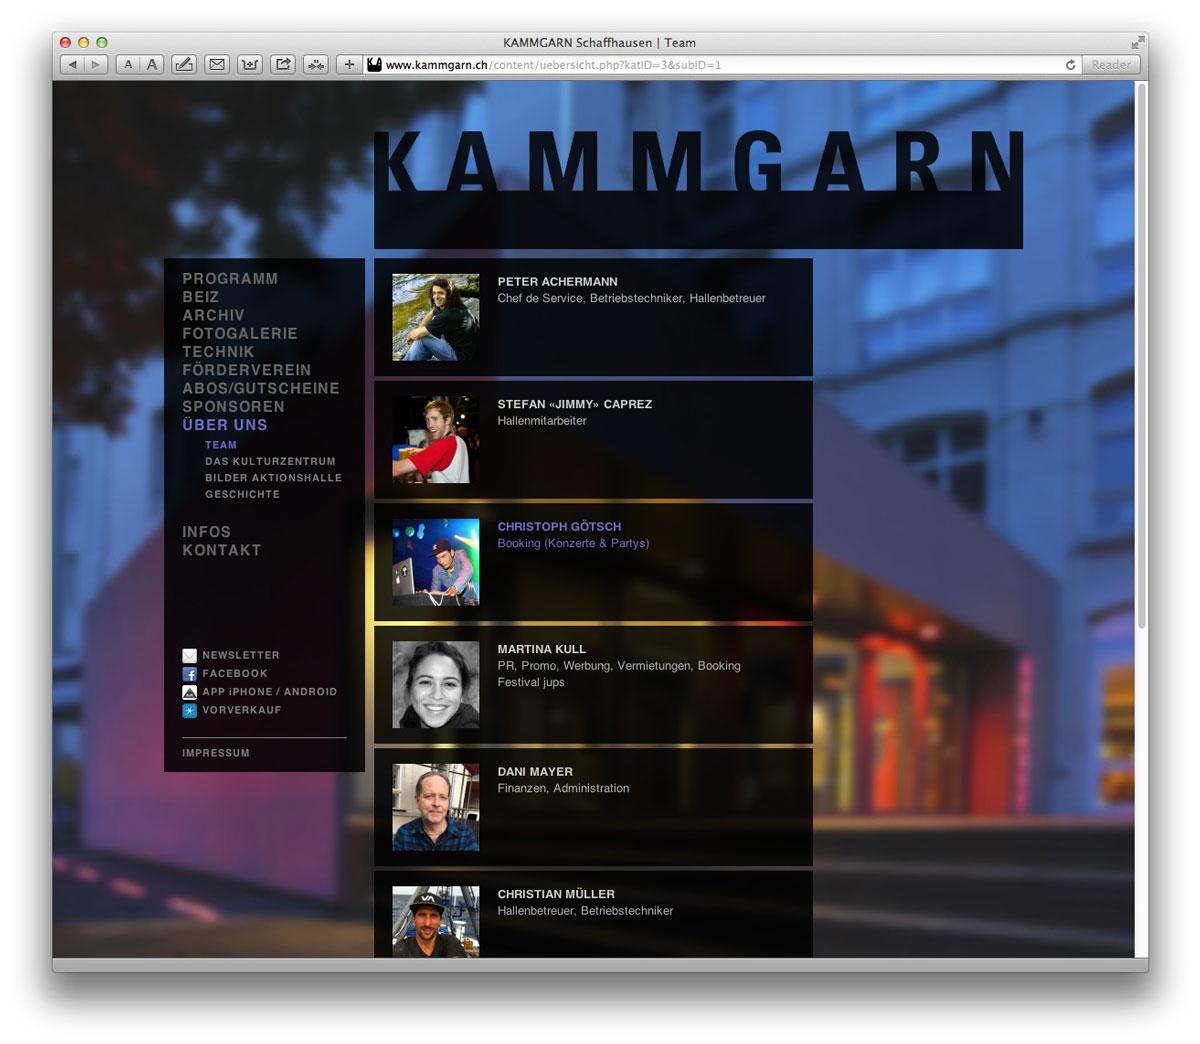 Website_Kammgarn_Schaffhausen_5